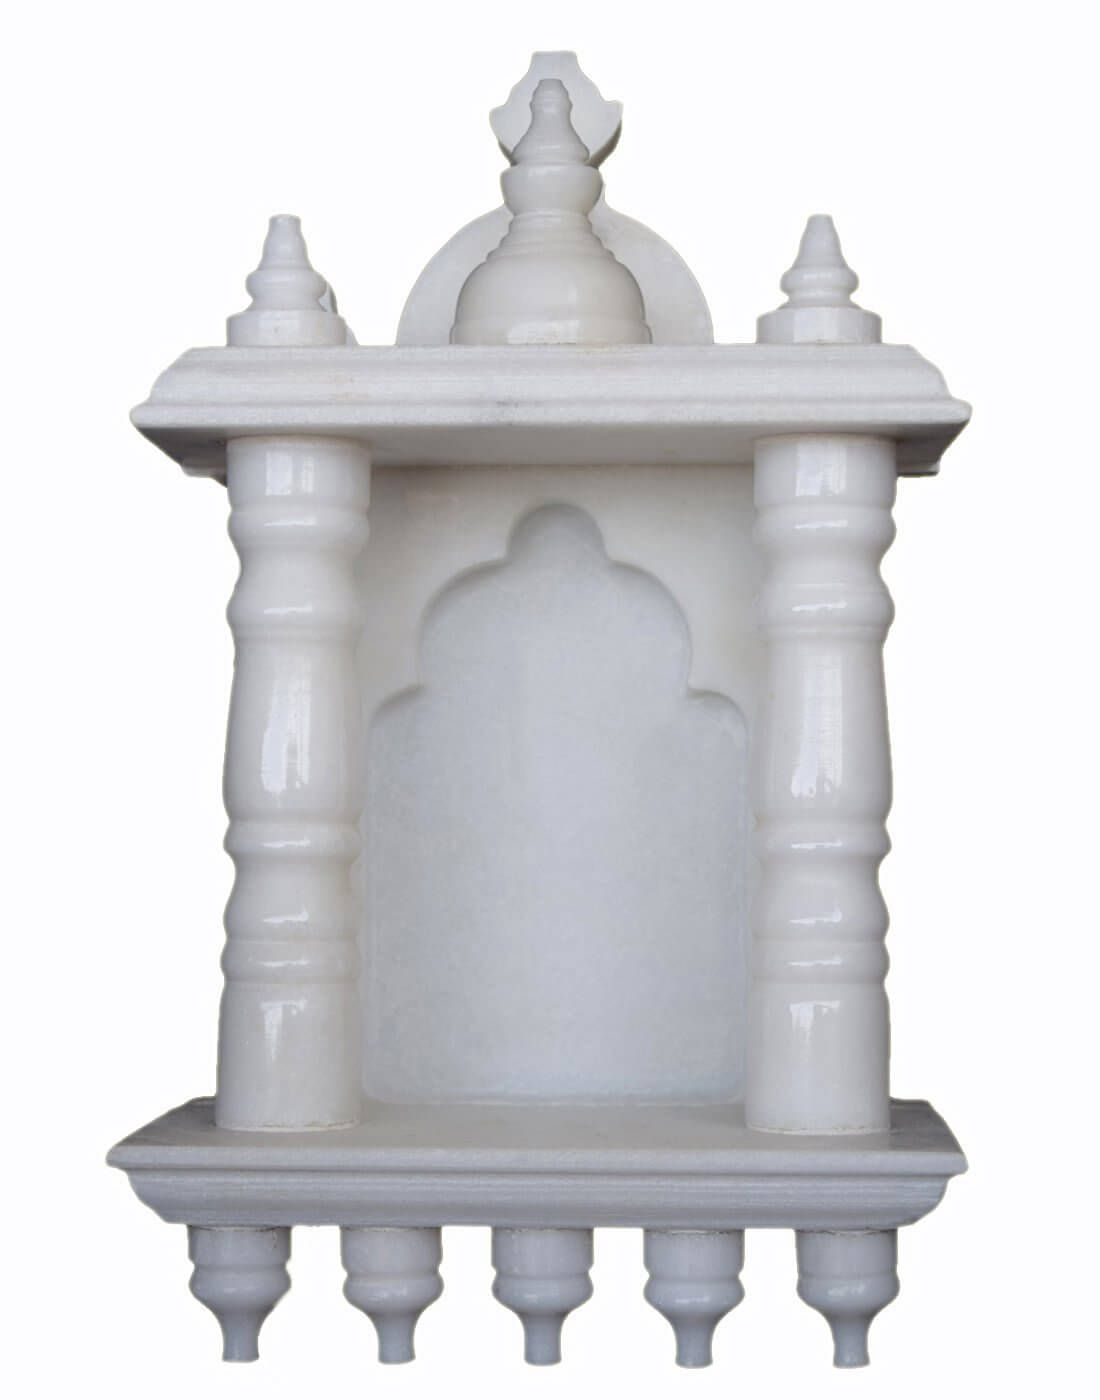 Marble Pooja Mandir Designs | Pooja Room Designs | Pinterest ...